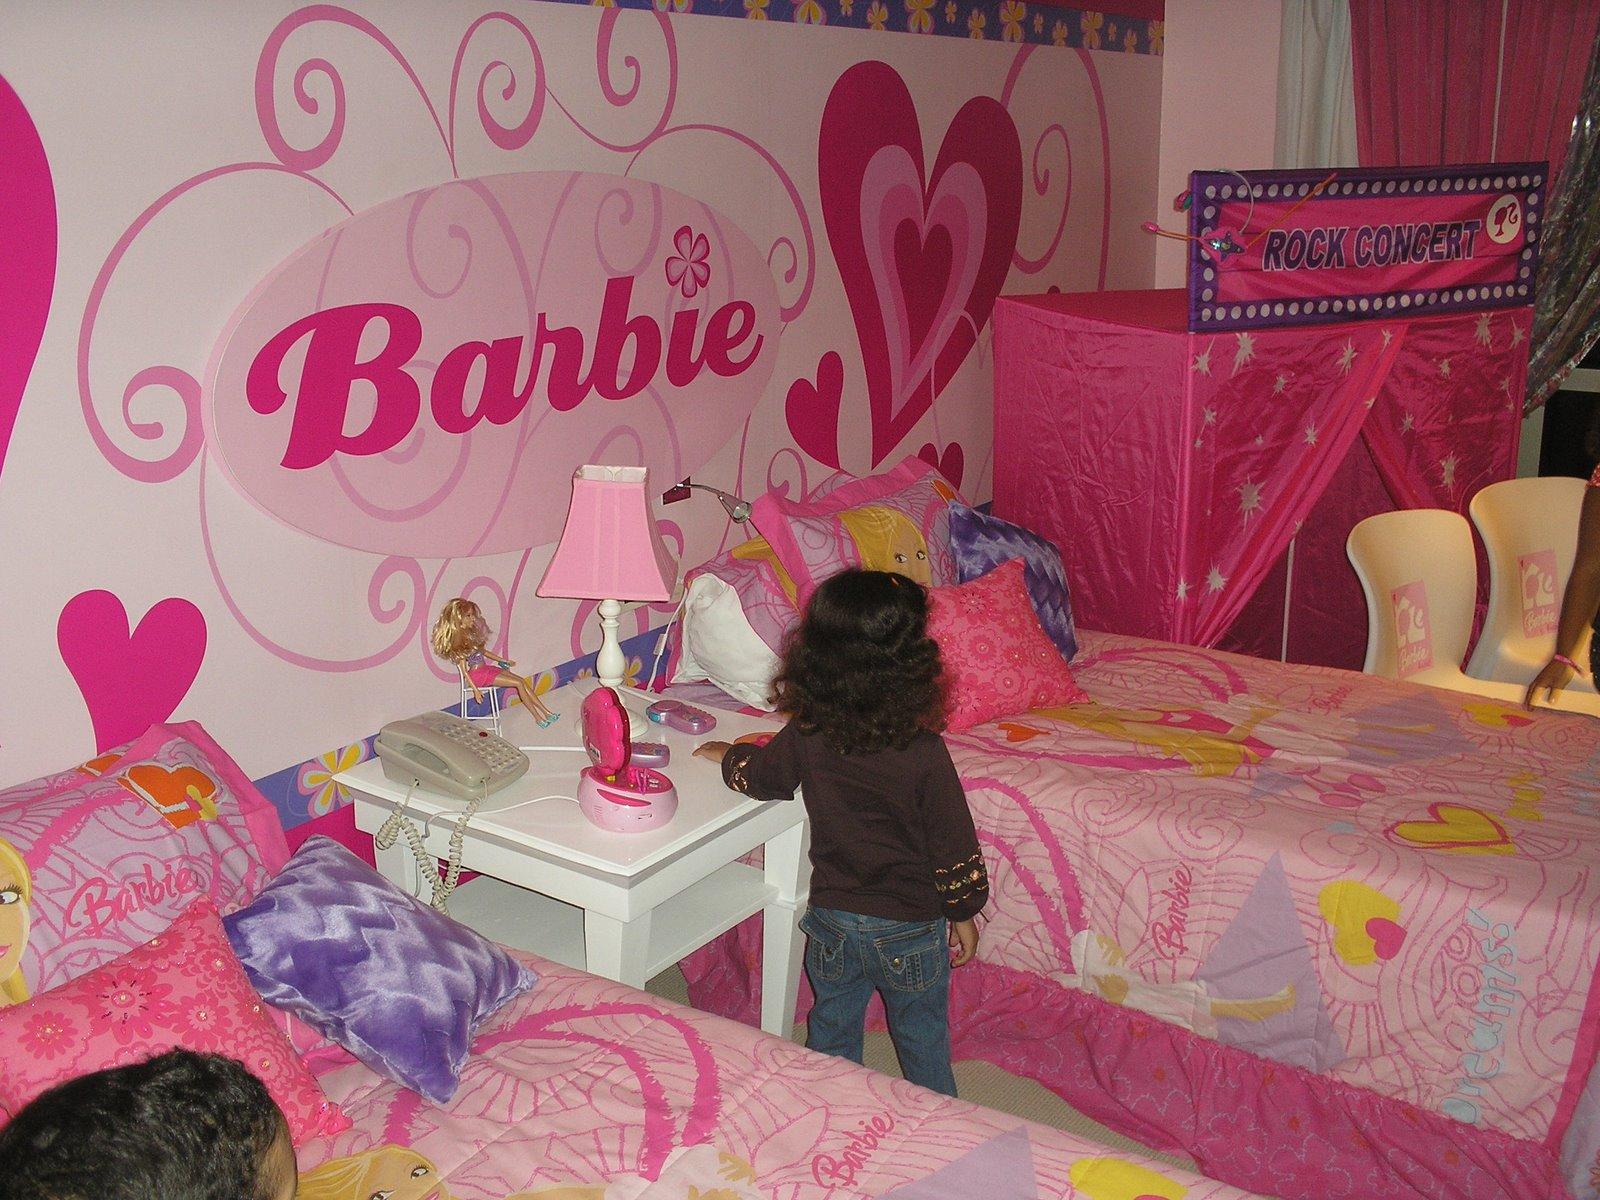 Observandords hilton santo domingo ofrece habitaciones de for Adornos para pieza de bebe